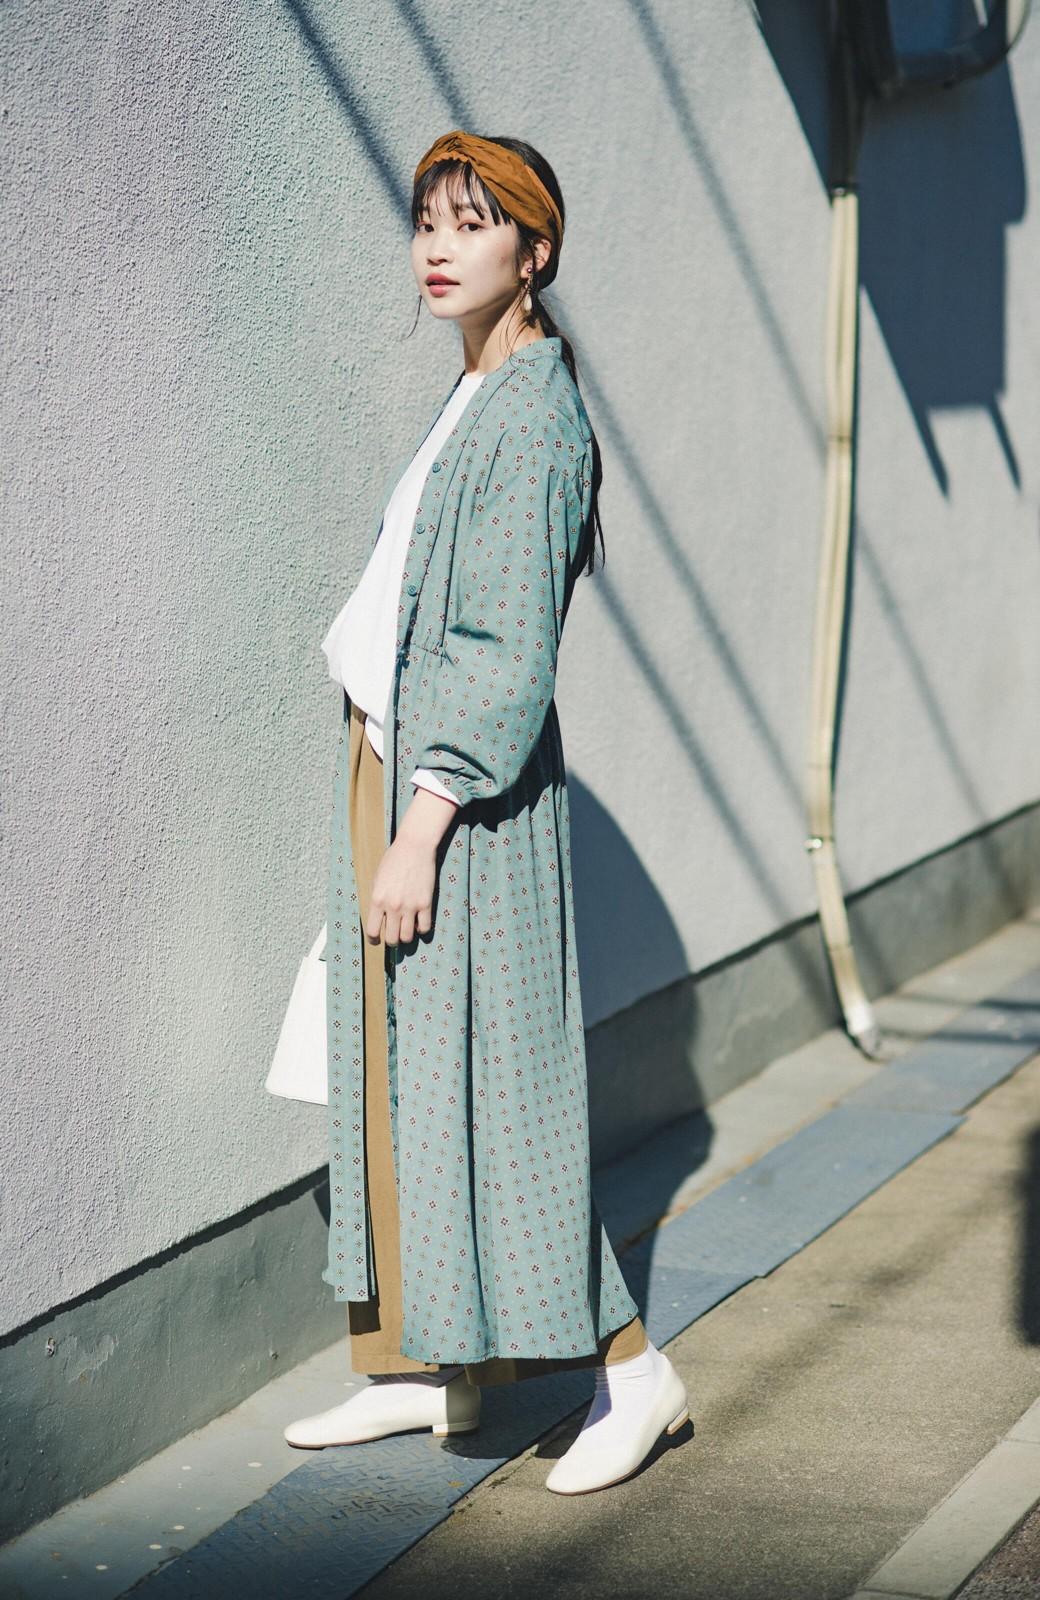 haco! コーデが華やいで気分も上がる 羽織りとしても便利な大人の雰囲気漂う小紋柄風ワンピース <ブルー>の商品写真13